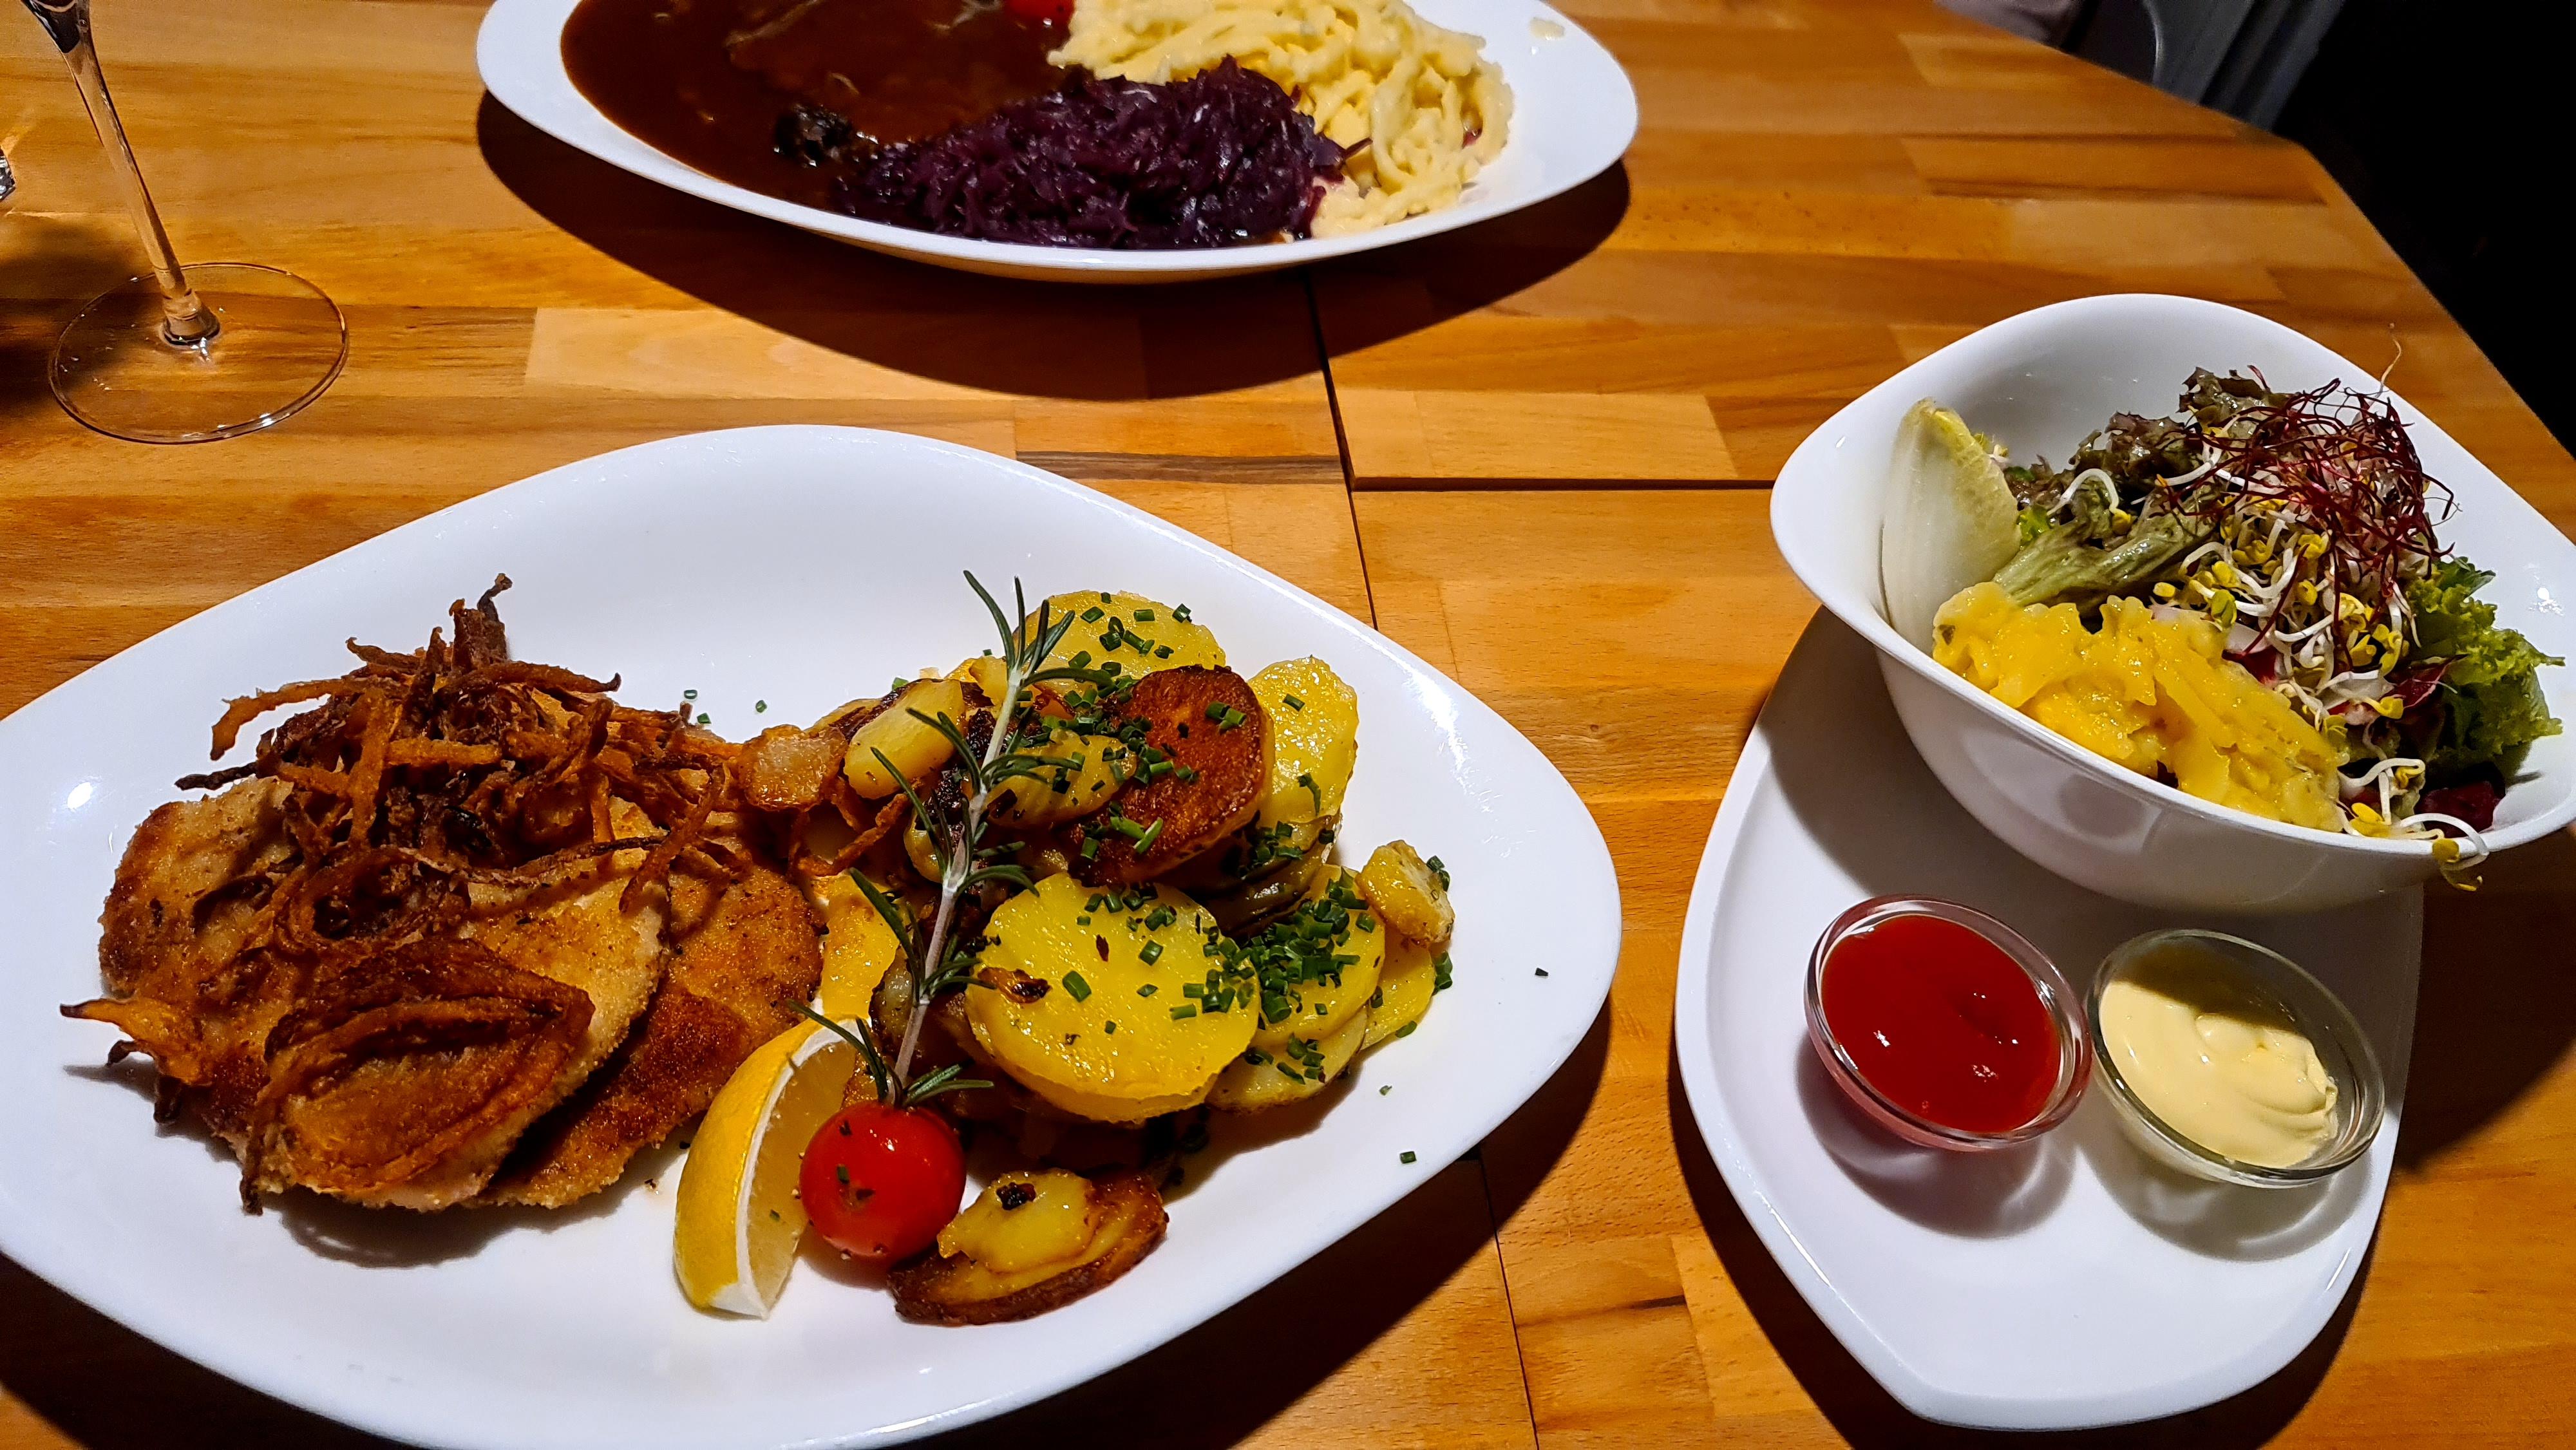 https://foodloader.net/Holz_2020-10-31_Schnitzel_mit_Bratkartoffeln.jpg